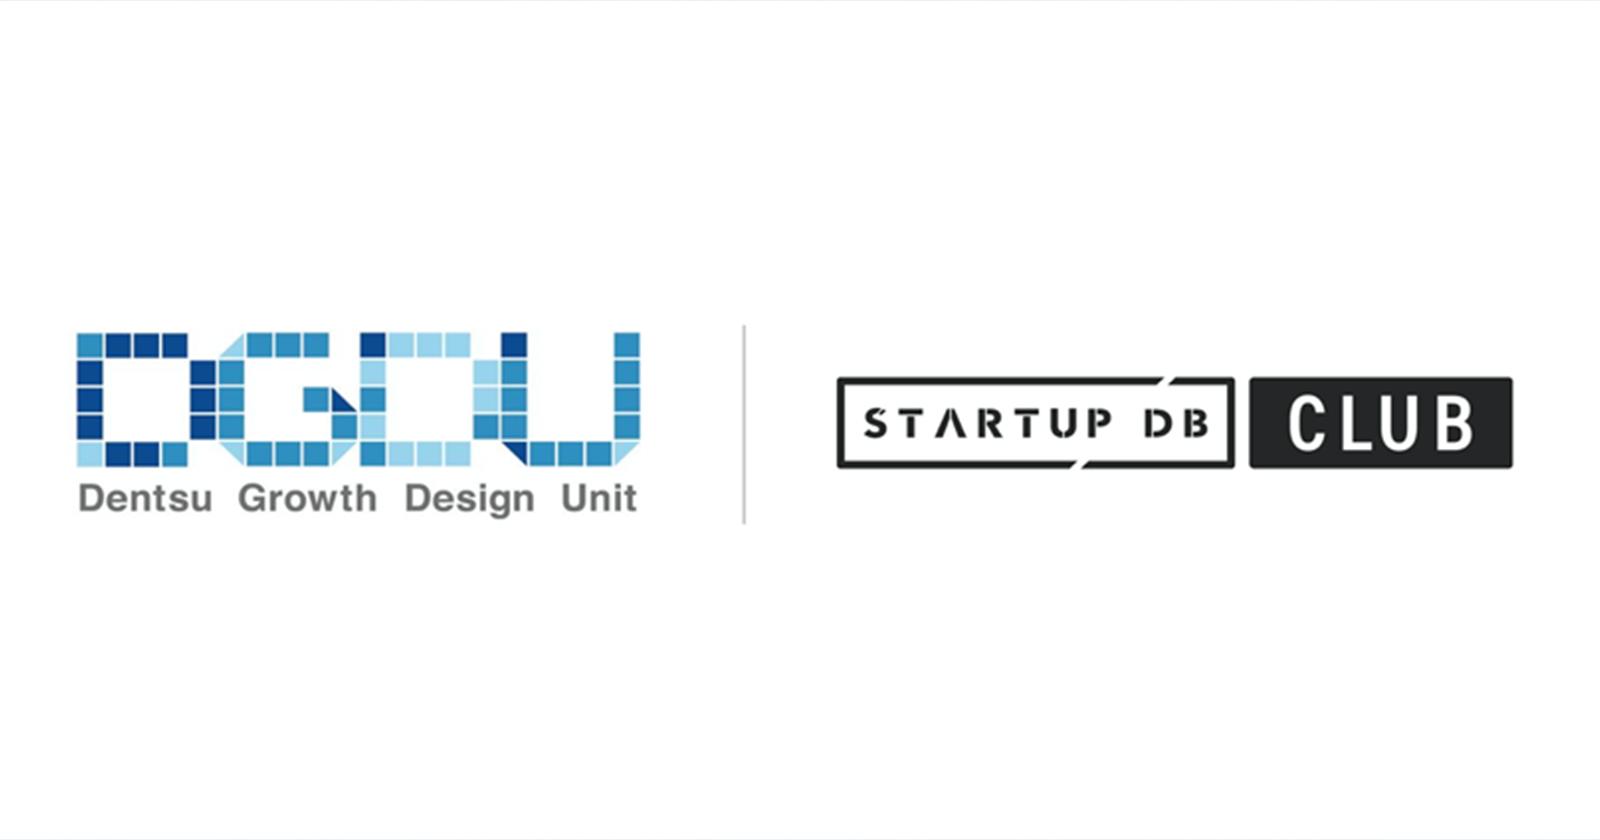 「STARTUP DB CLUB」に、電通グロースデザインユニットが提携パートナーとして参画。 提携サービスは25社に!